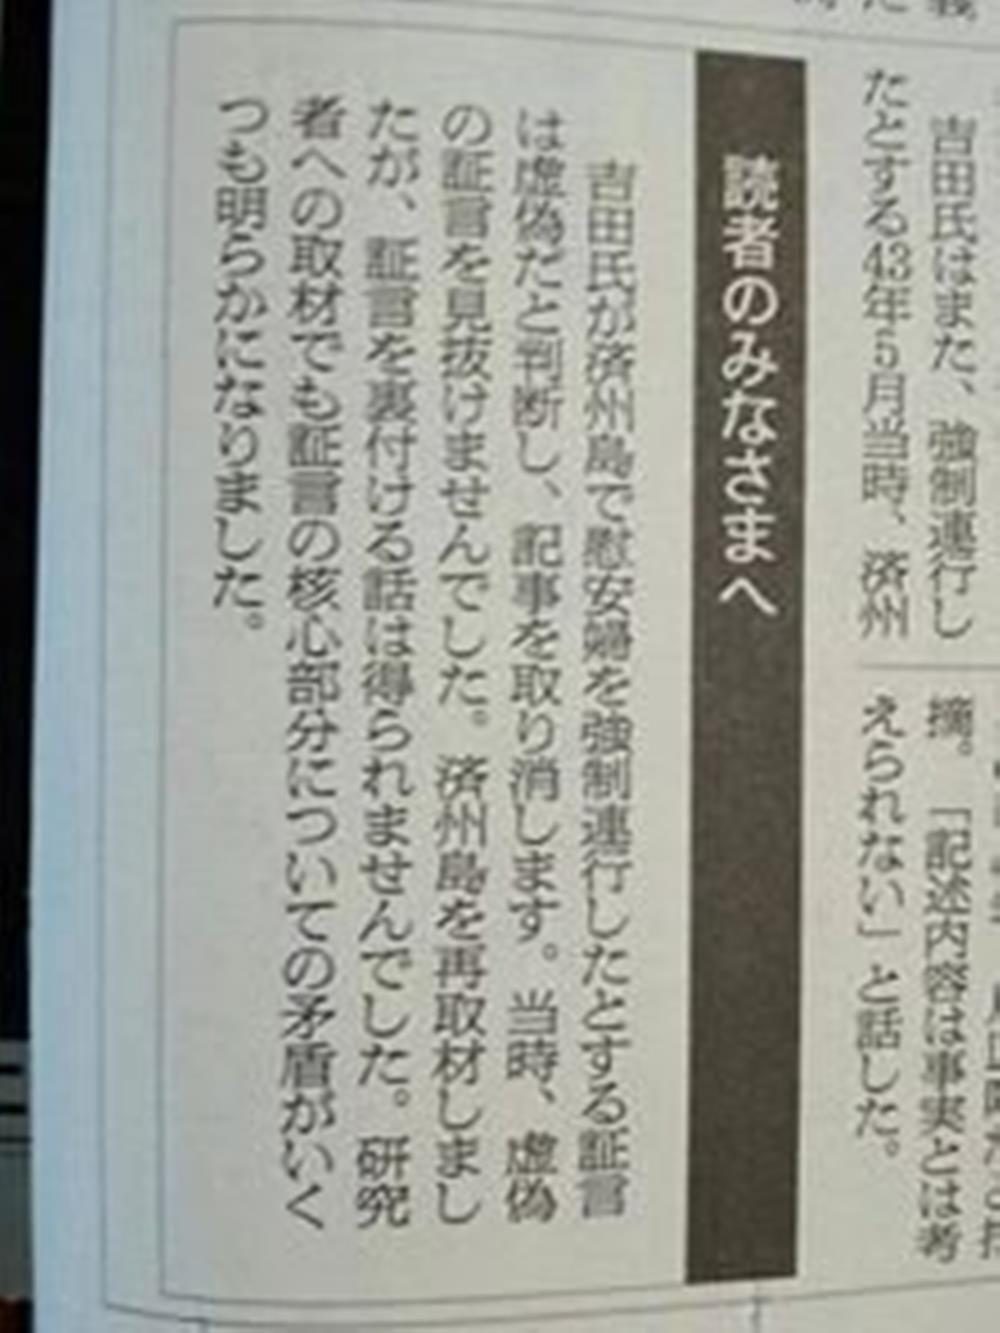 朝日新聞社東京本社及び大阪本社の日本記者クラブ法人会員除名及び日本新聞協会からの除名を求めます 歴史の真実 真実 慰安婦